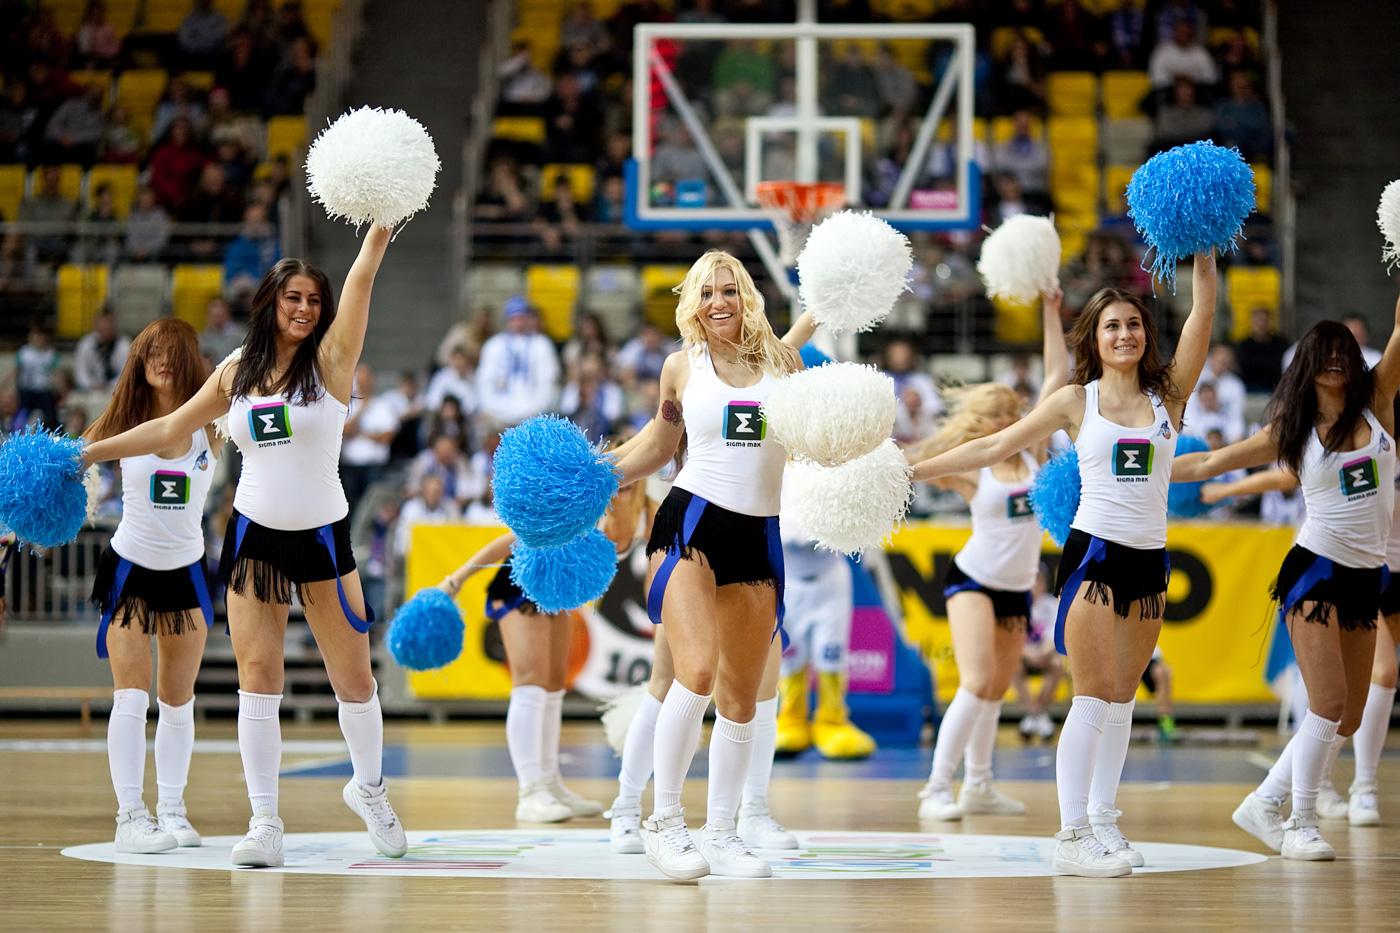 cheerleaders azs